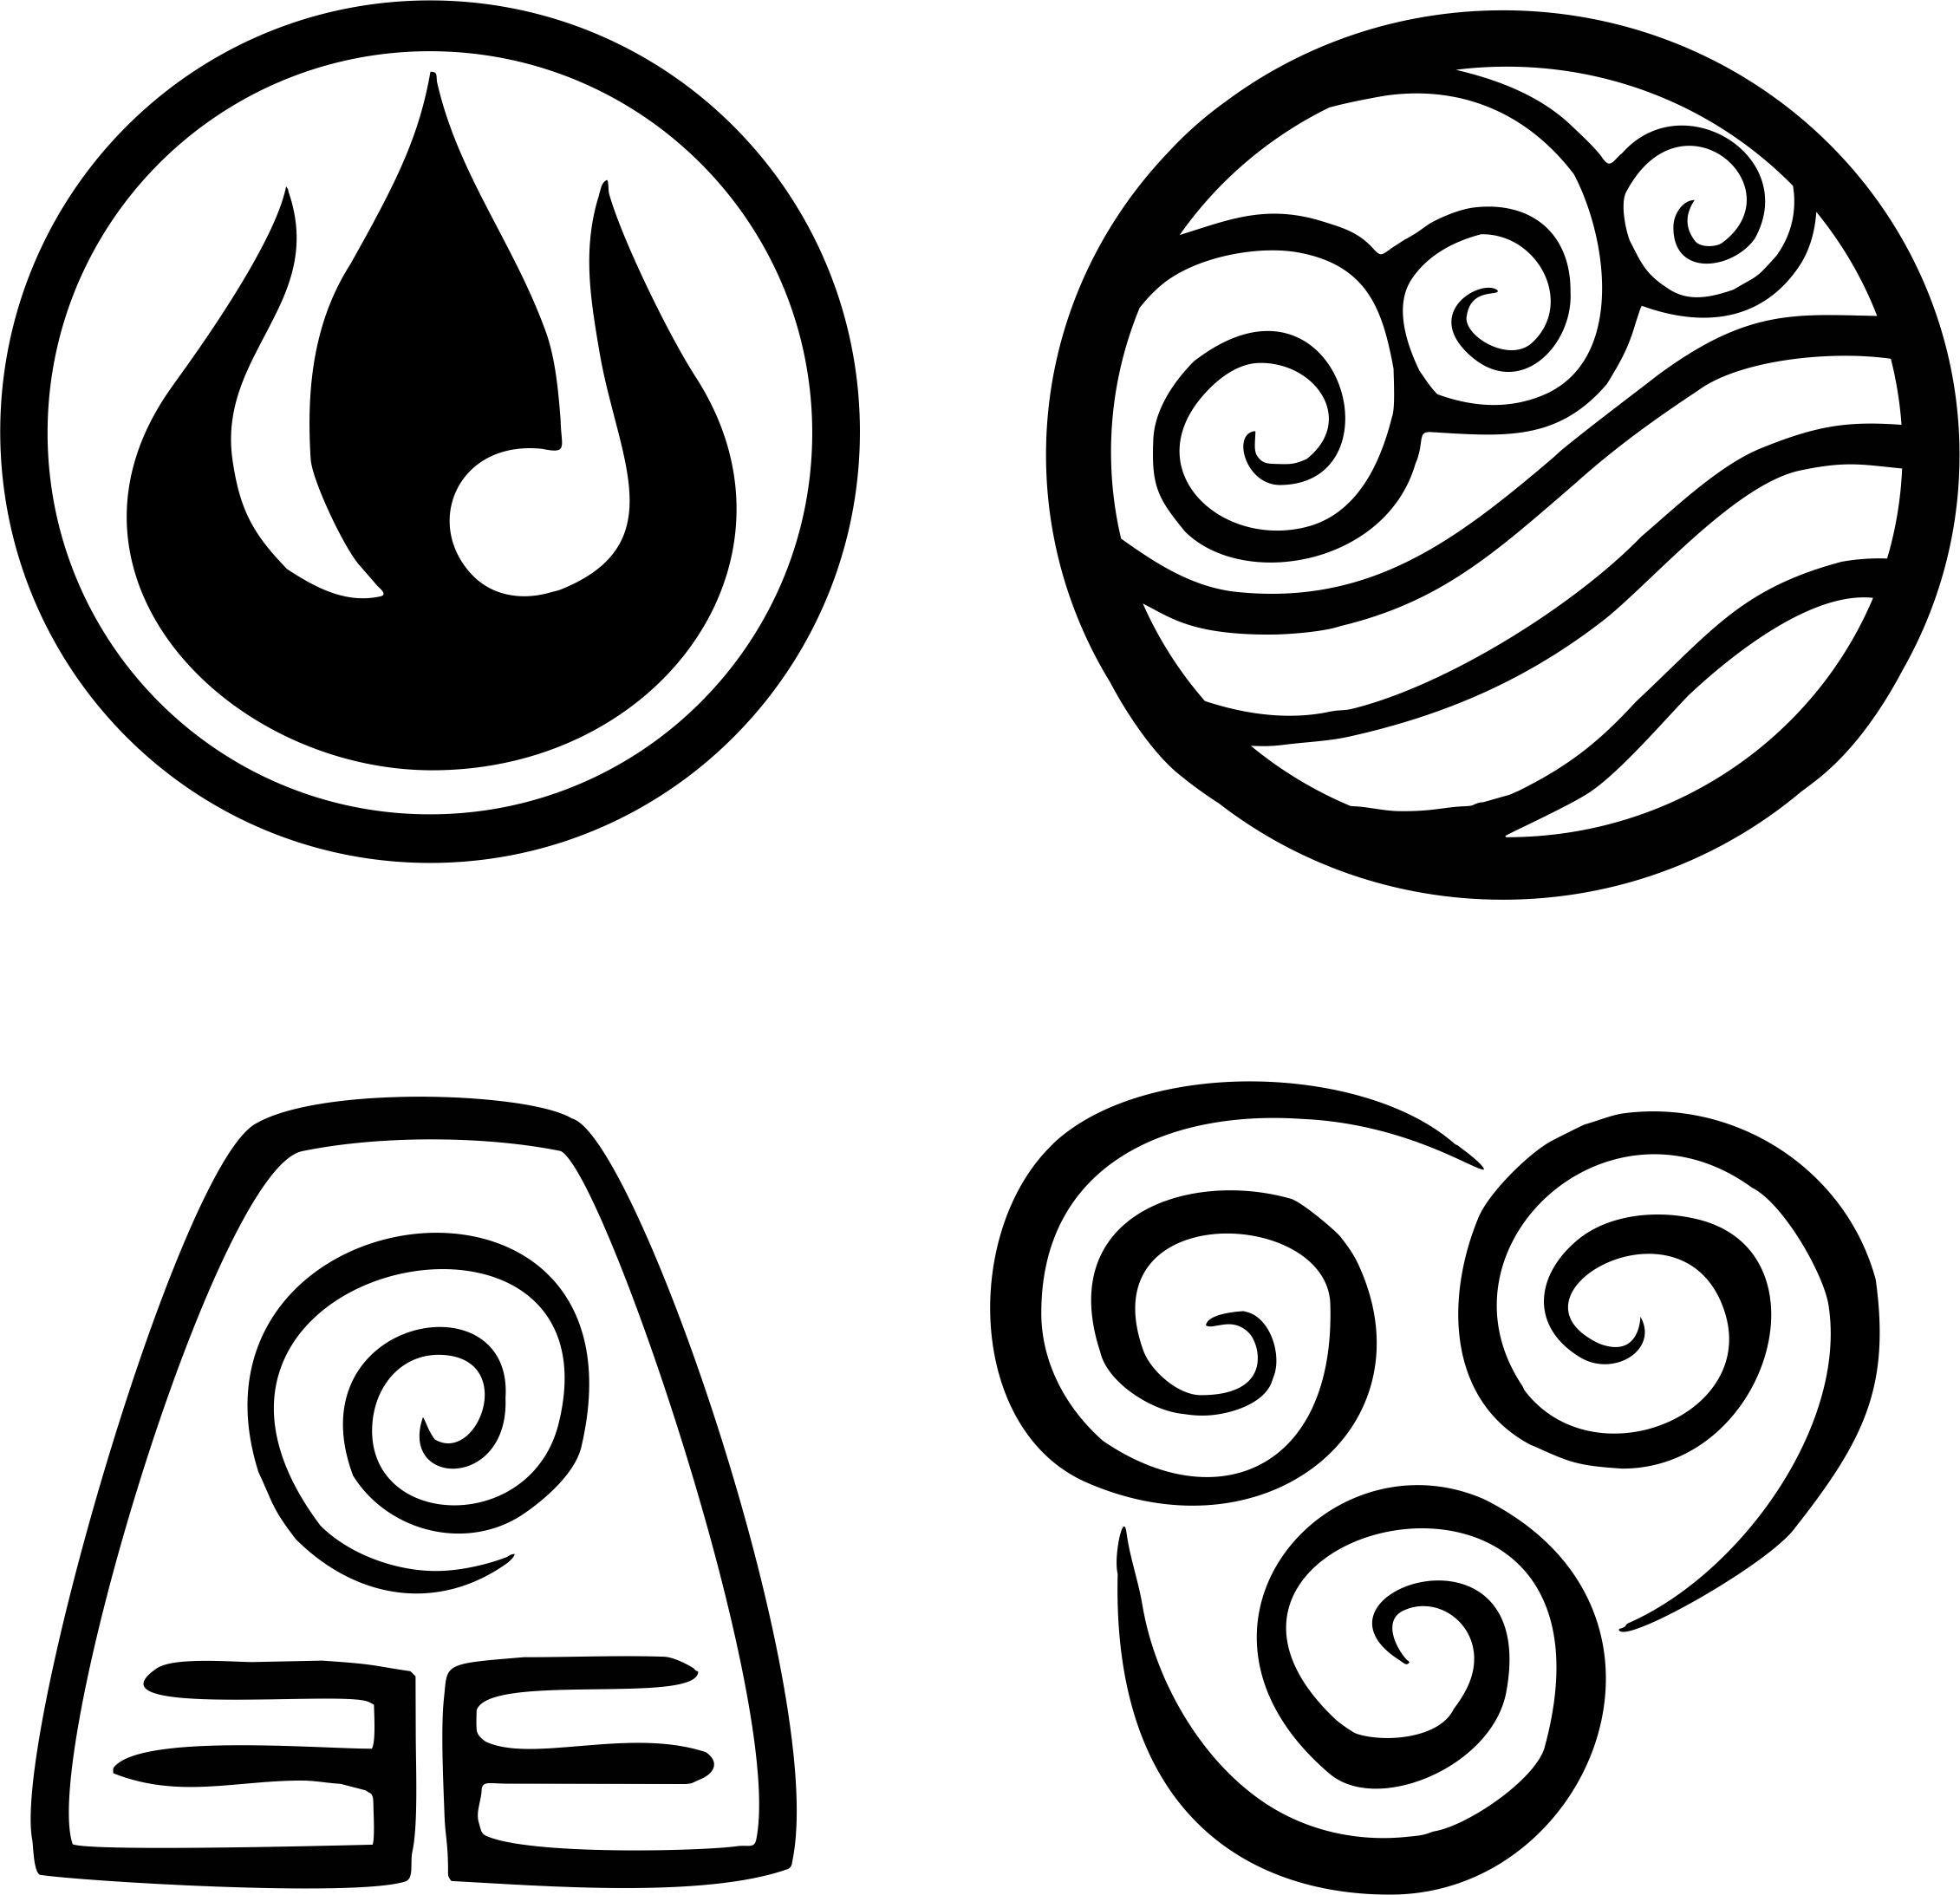 хочет, четыре символа картинки первом зале